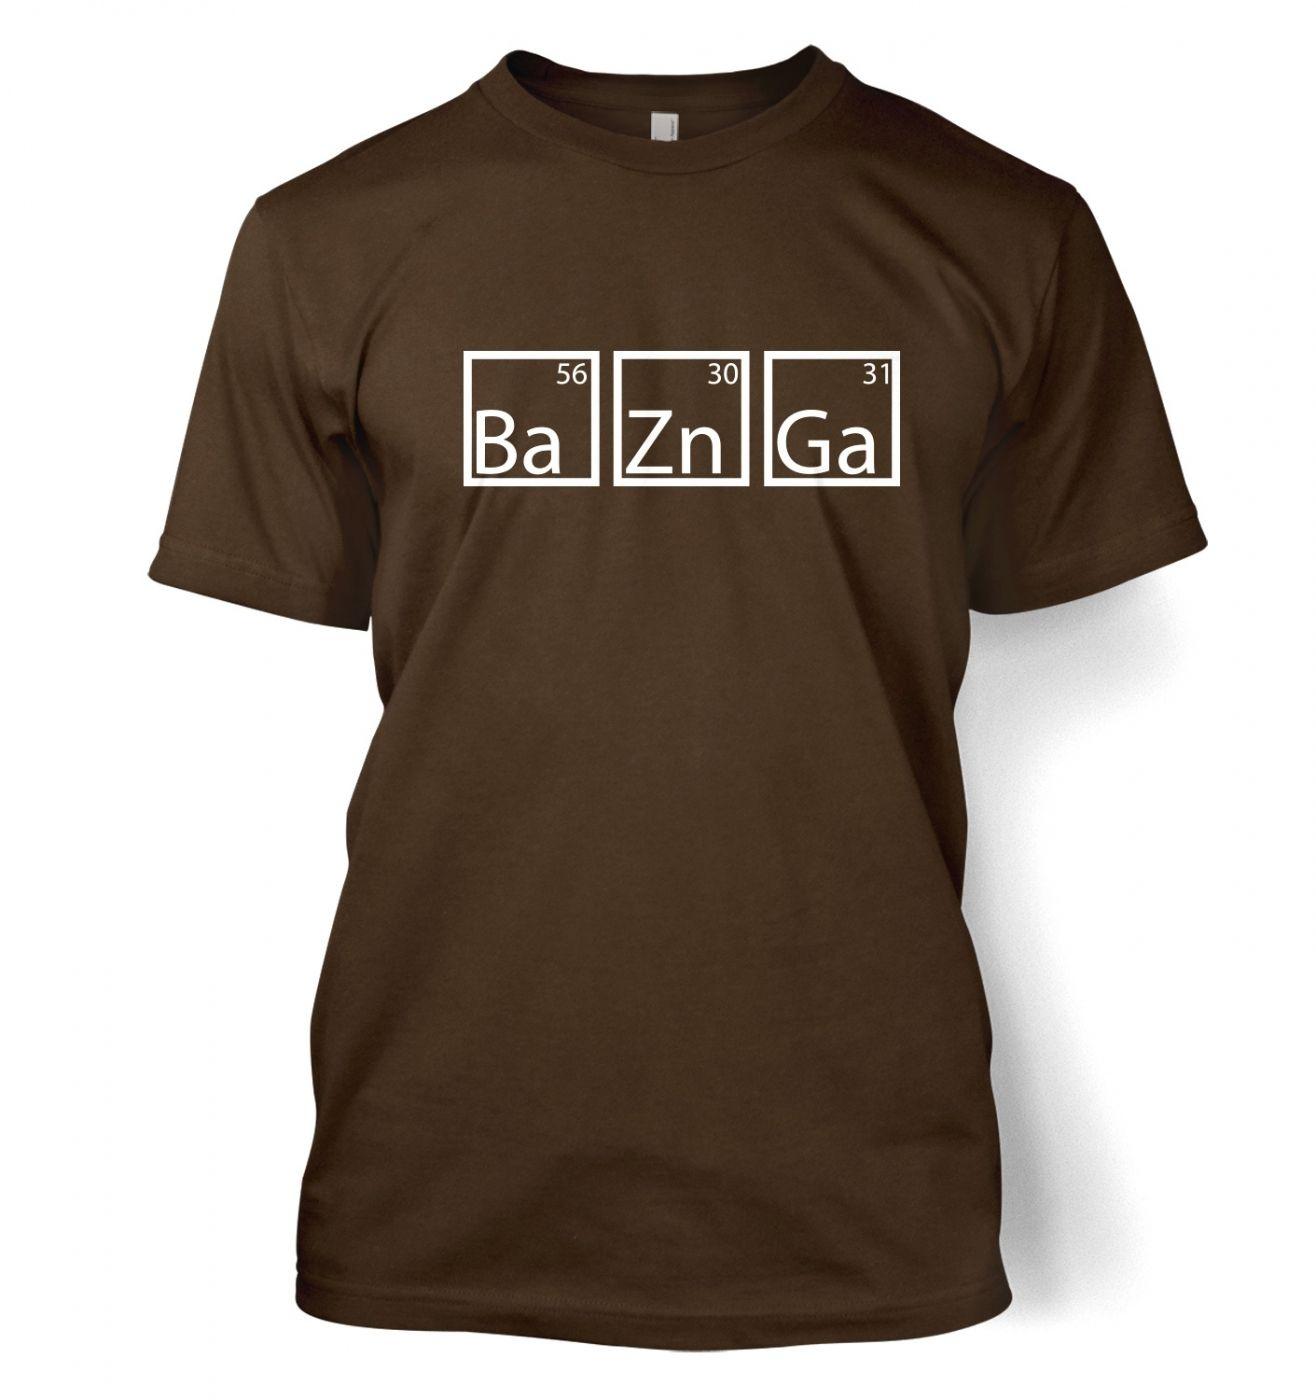 BaZnGa men's t-shirt